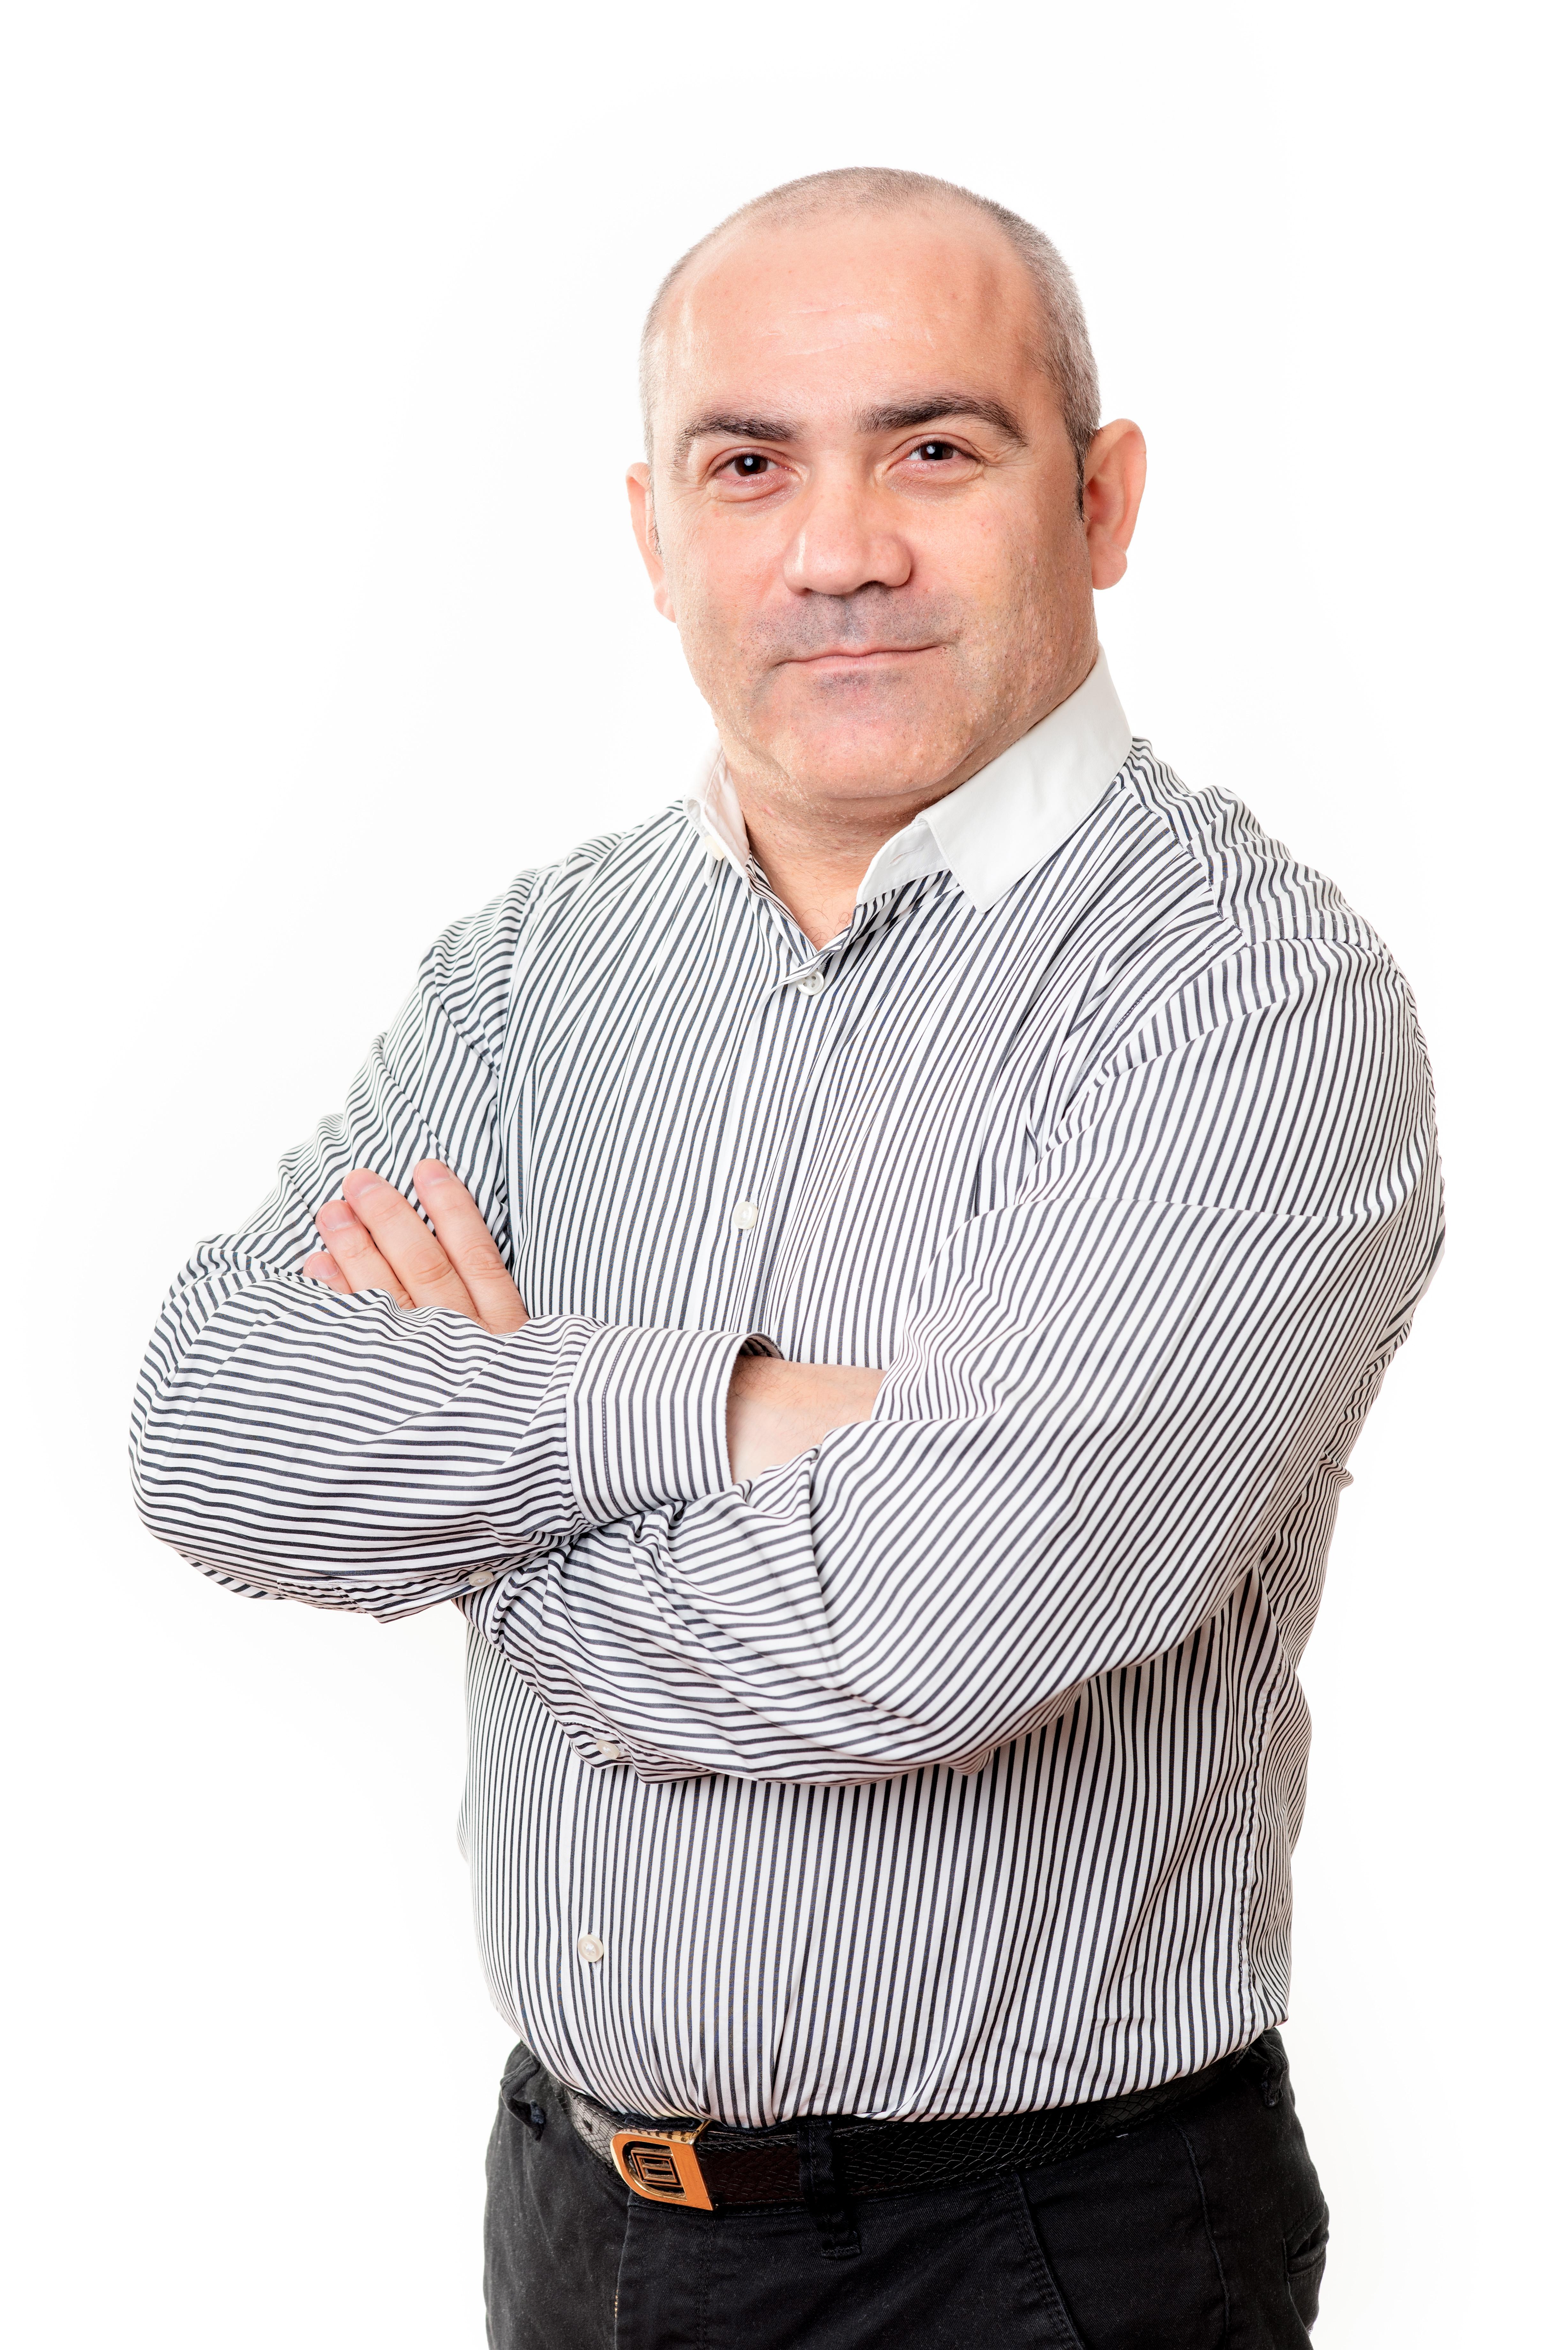 Jordi Vigo Moreno